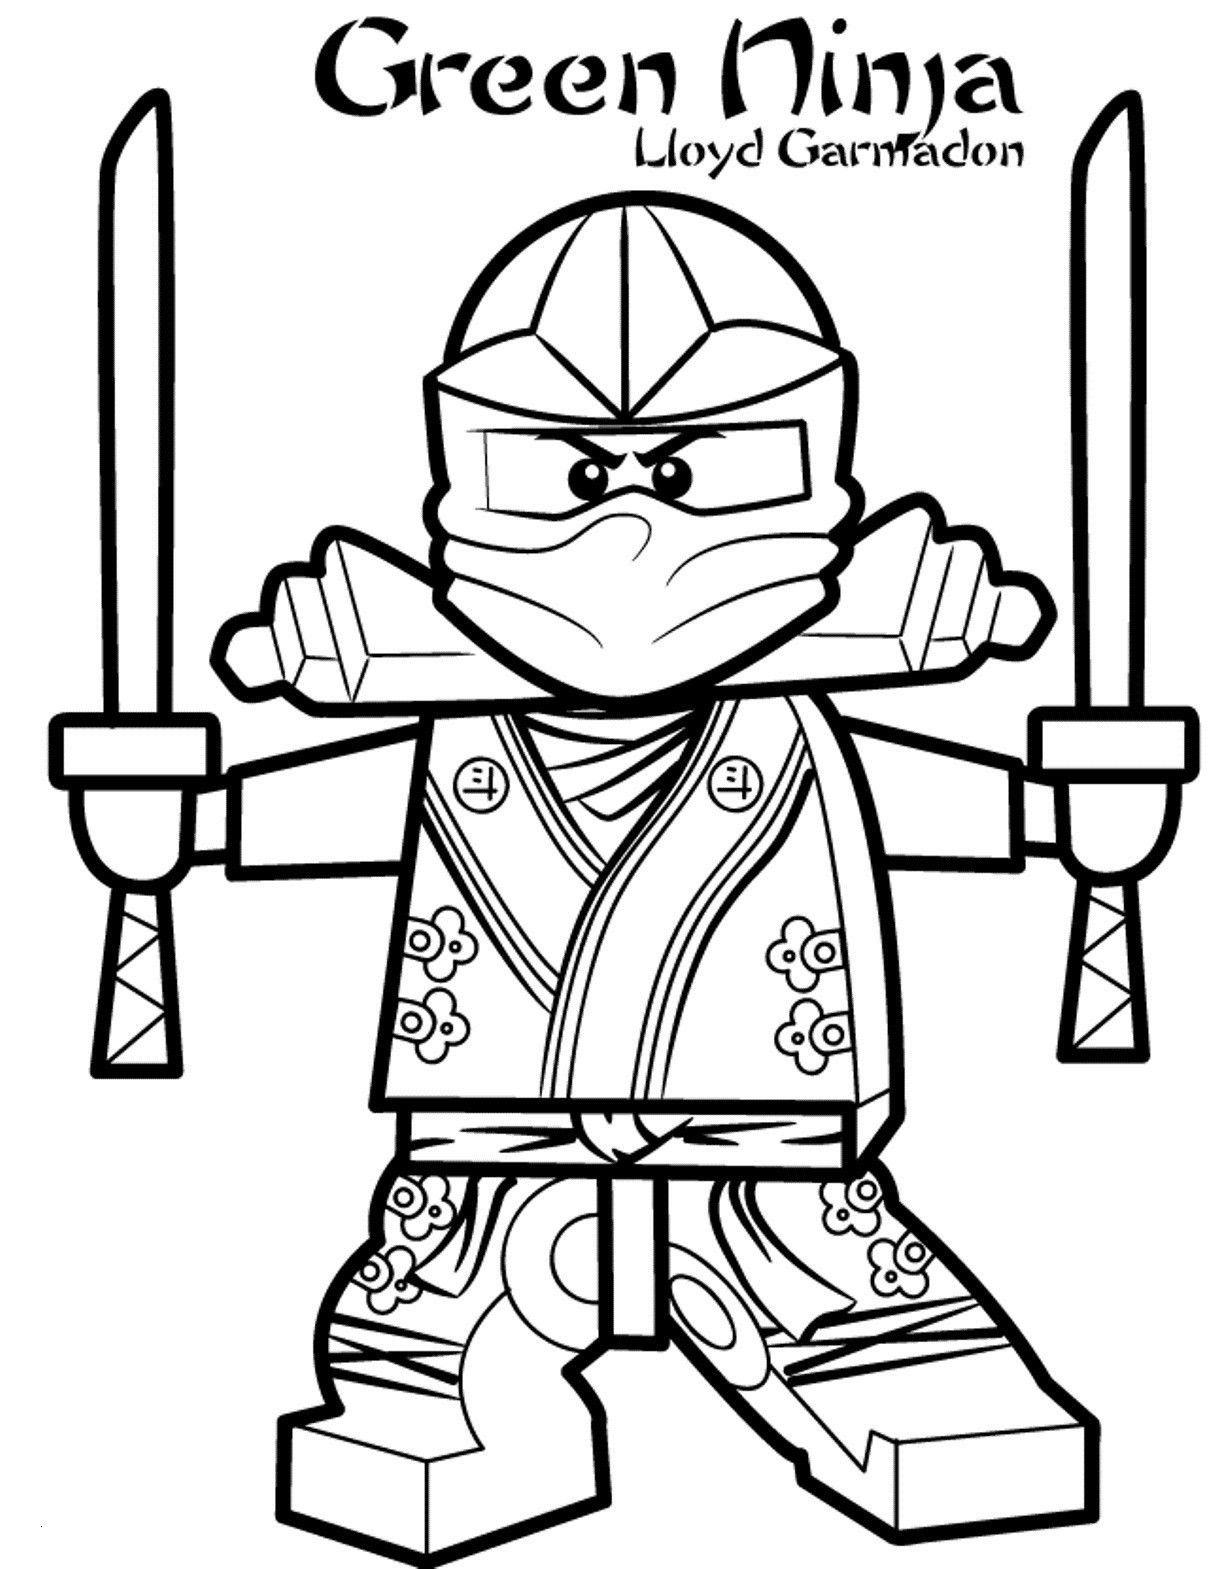 Ausmalbilder Ninjago Schlange Einzigartig Ausmalbilder Ninjago Schlange Ausmalbilder Fu Ninjago Ausmalbilder Ausmalbilder Schildkrote Superhelden Malvorlagen